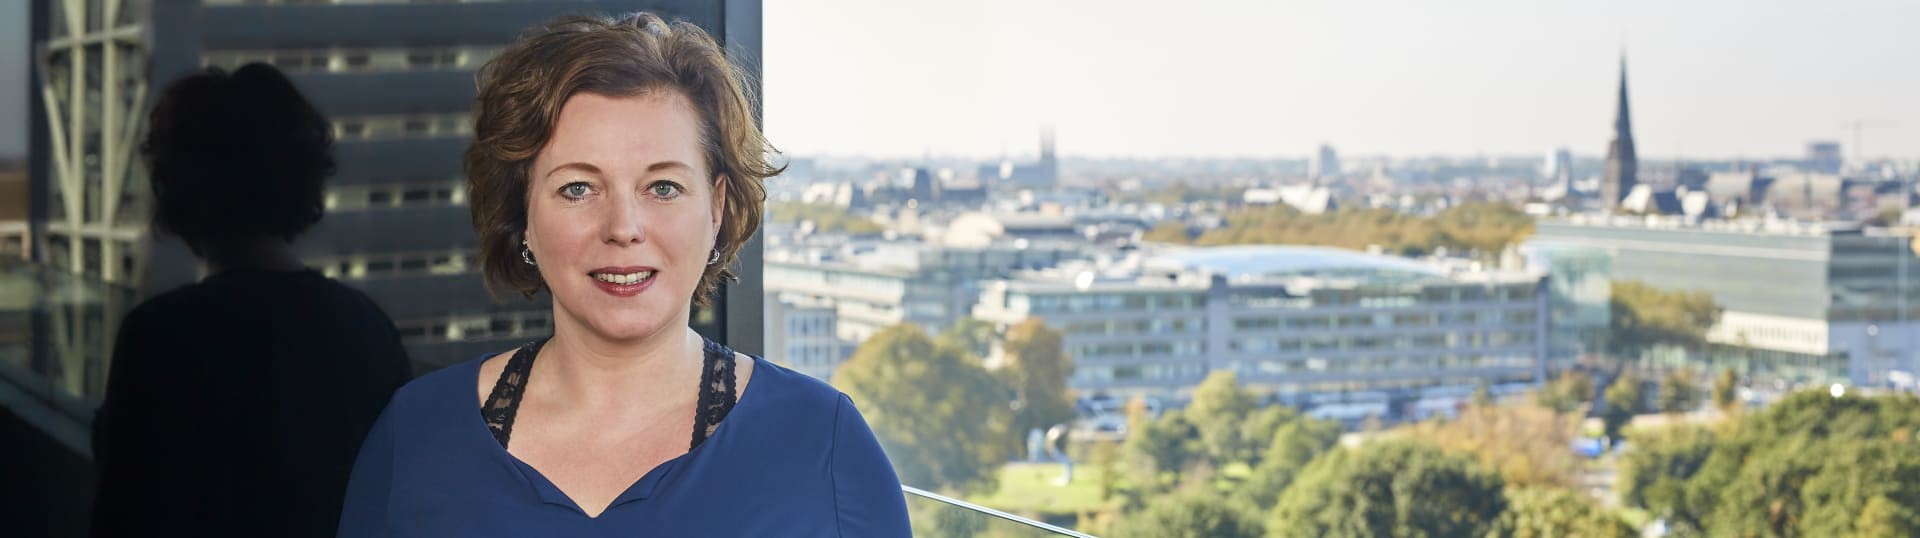 Jantine Muller, advocaat Pels Rijcken